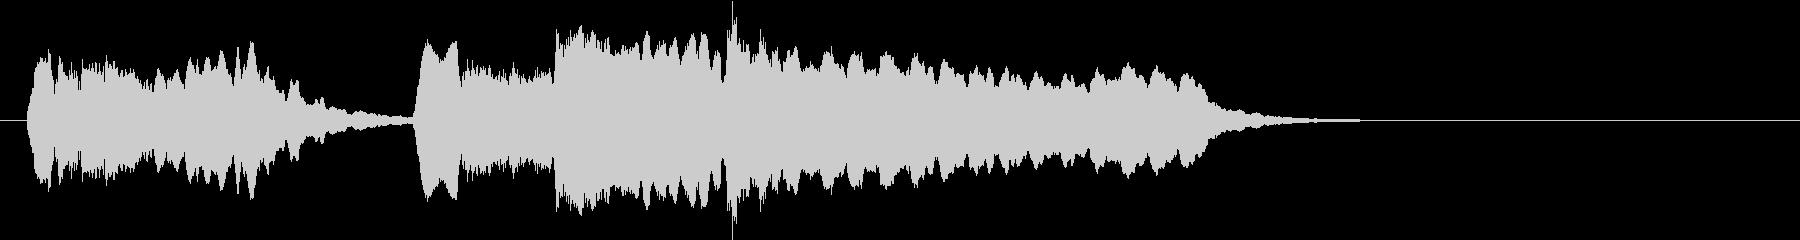 バイオリンによるトッカータとフーガ 2の未再生の波形